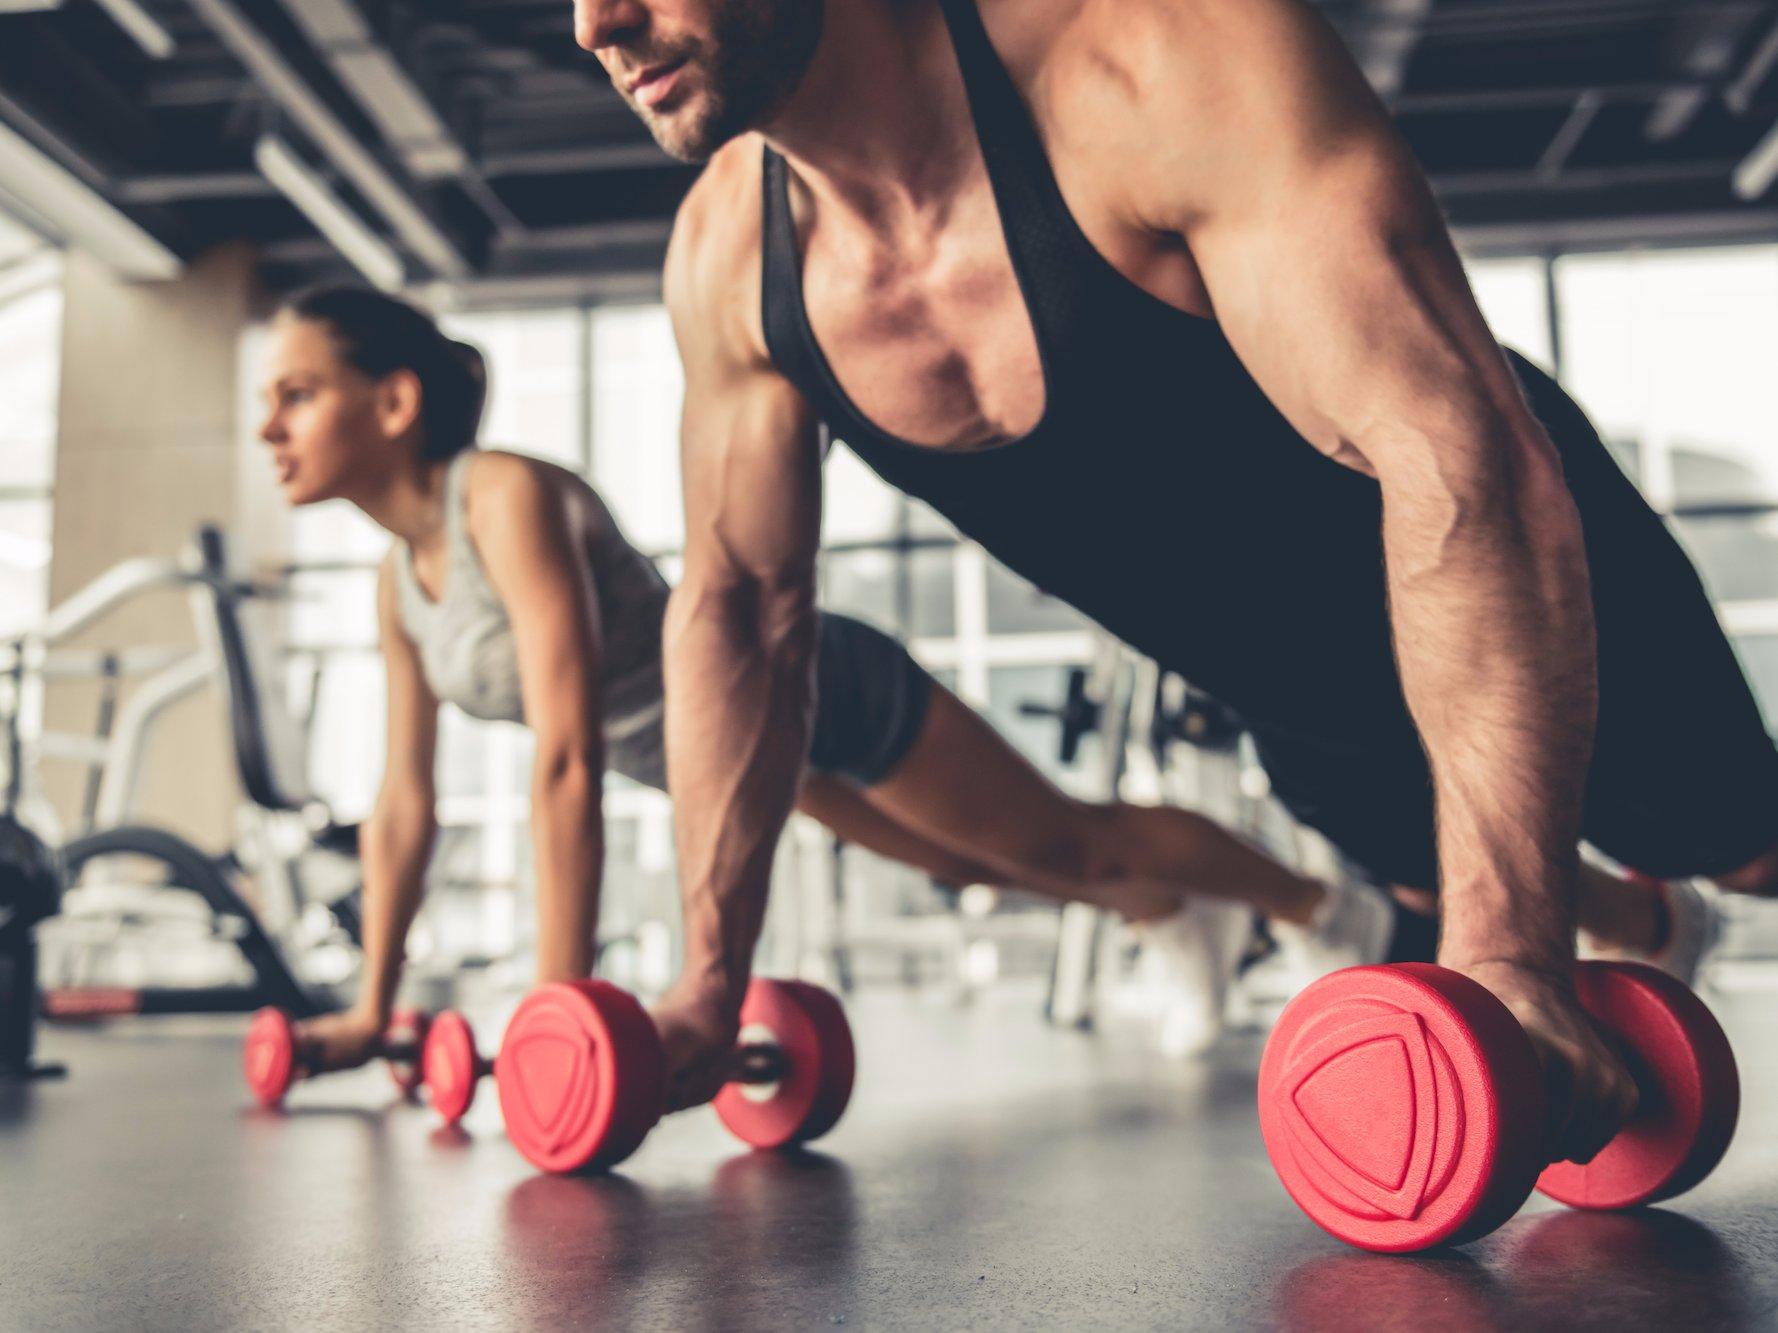 याचपद्धतीने पुरुषांनी गरजेपेक्षा जास्त व्यायाम केला तर त्यांचा स्पर्म काउंट कमी होऊ शकतो. हेही एक वंध्यत्वाचं कारण असू शकतं. लठ्ठपणामुळे अनेकजण दररोज गरजेपेक्षा जास्त तास व्यायाम करतात.